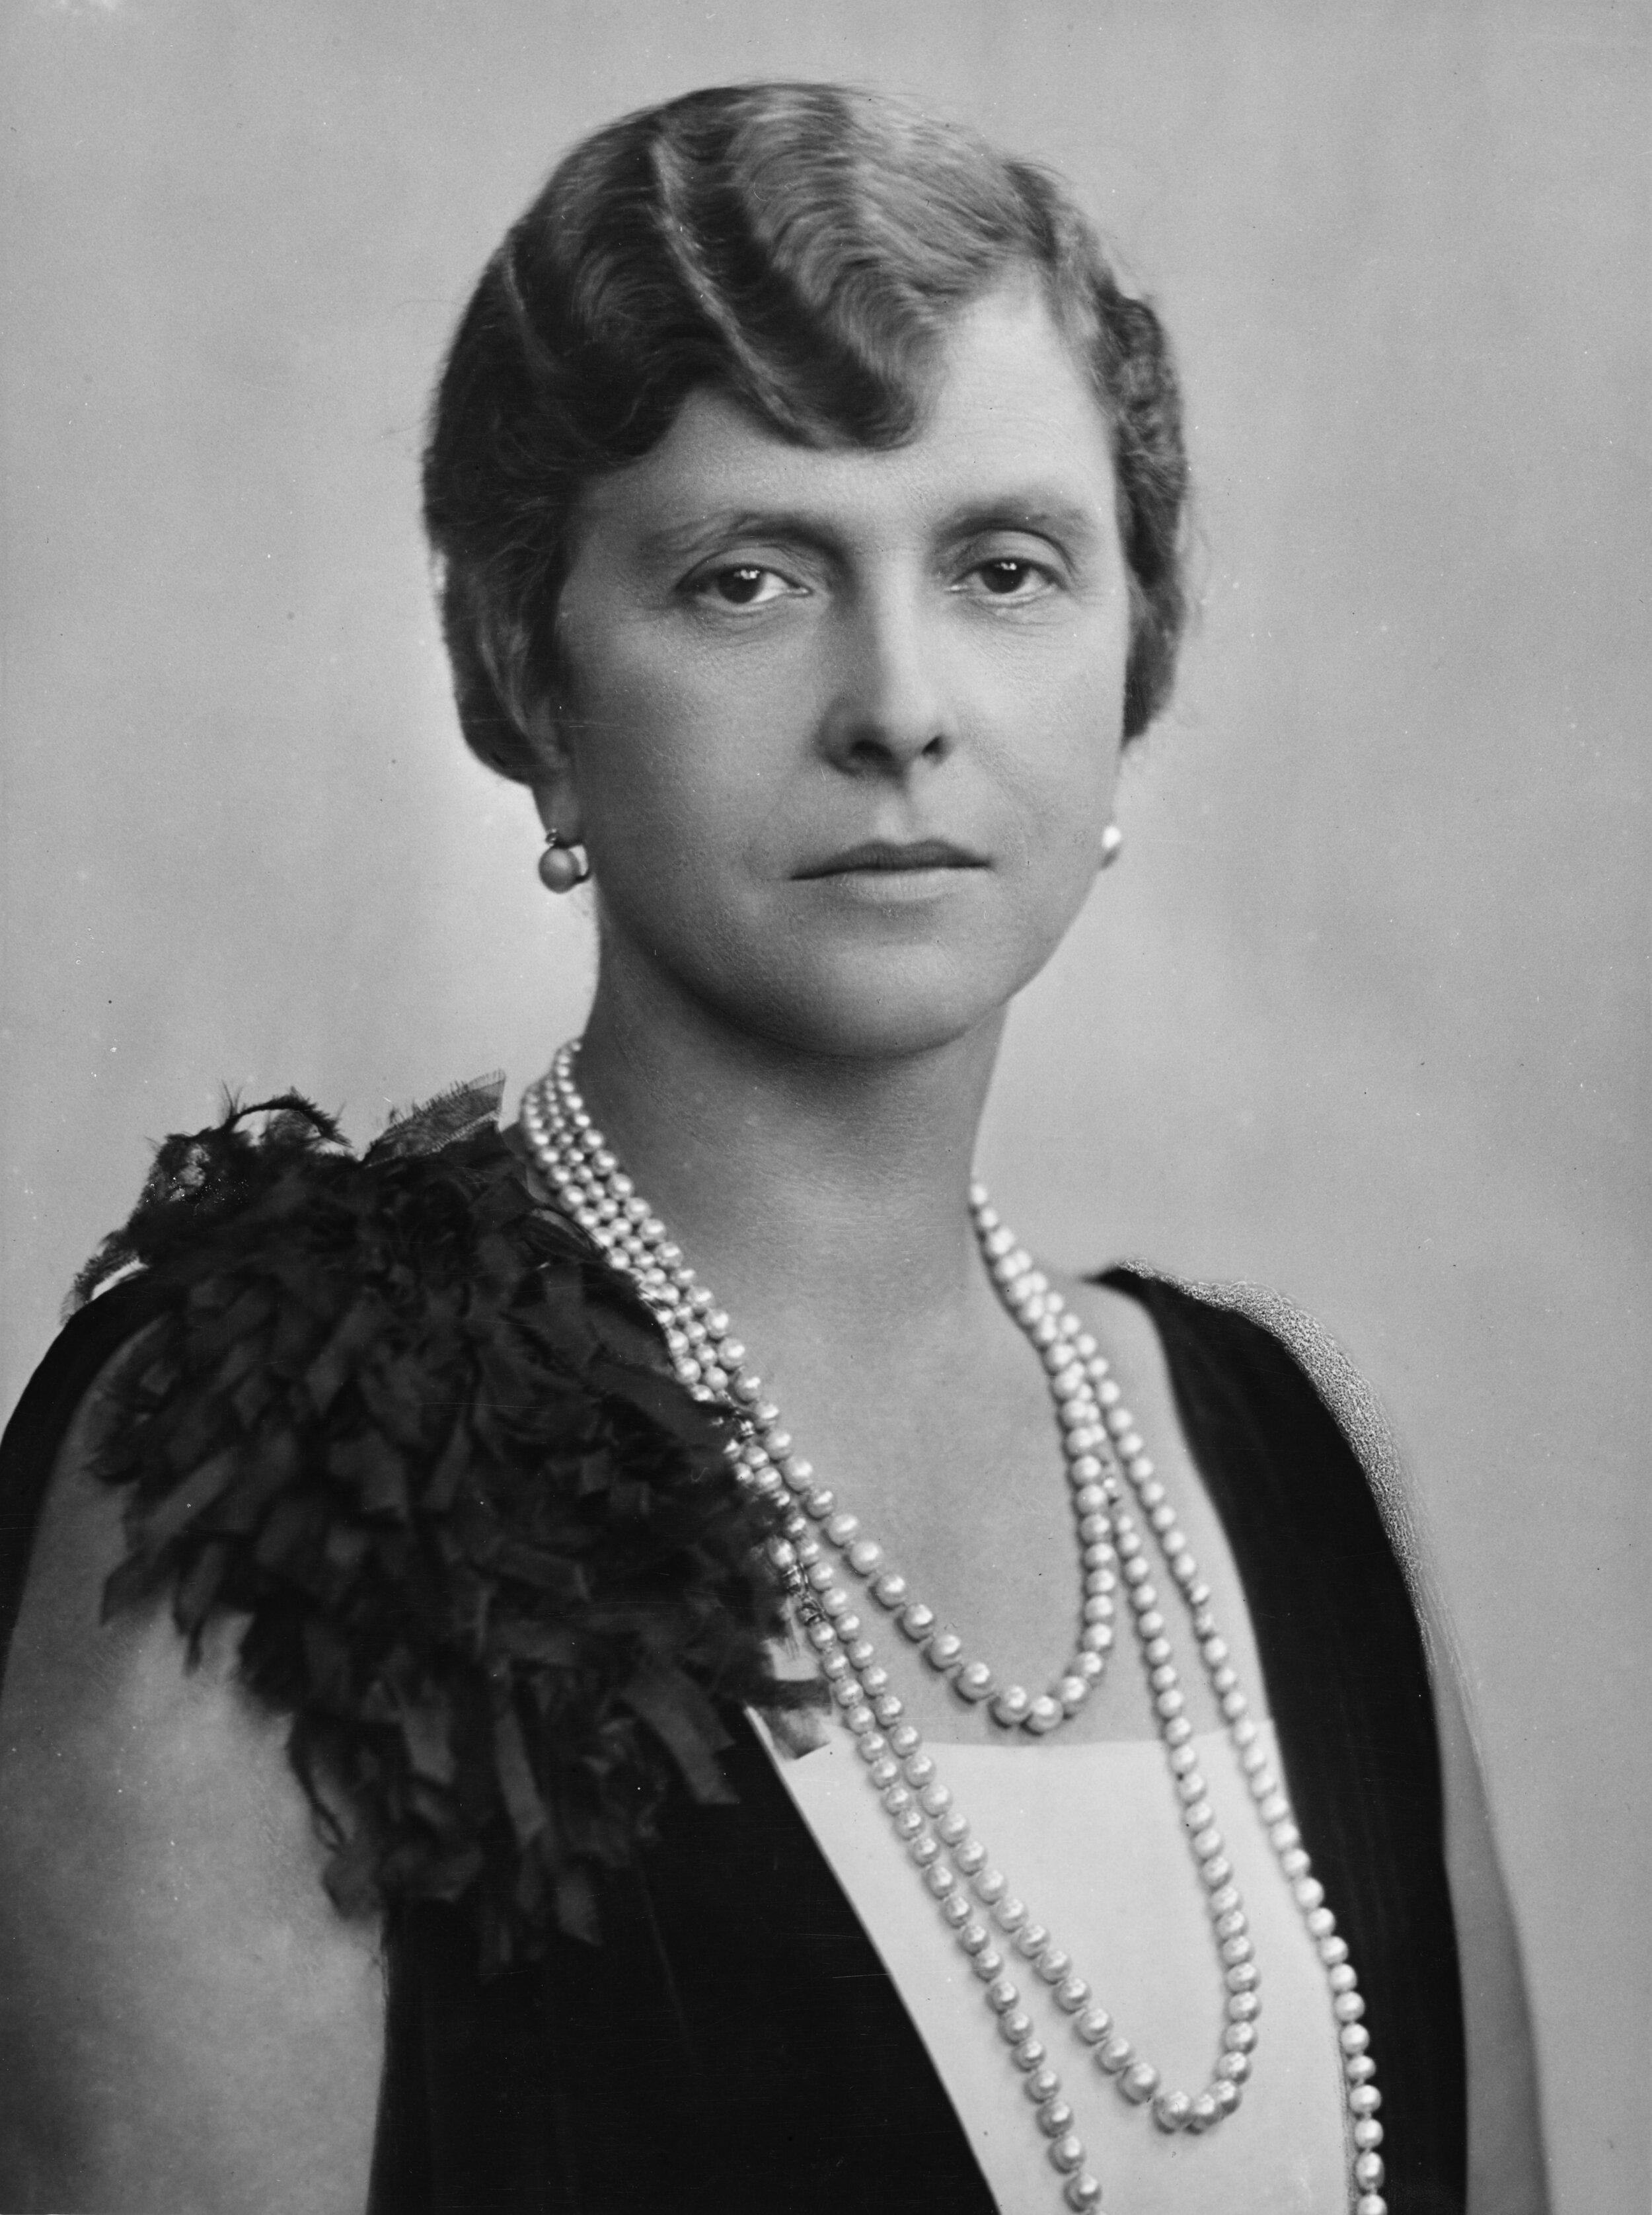 """Prinzessin Alice von Battenberg war die Mutter von Prinz Philip. Sie nannte ihn liebevoll """"Bubbikins"""". © picture alliance/Mary Evans Picture Library"""